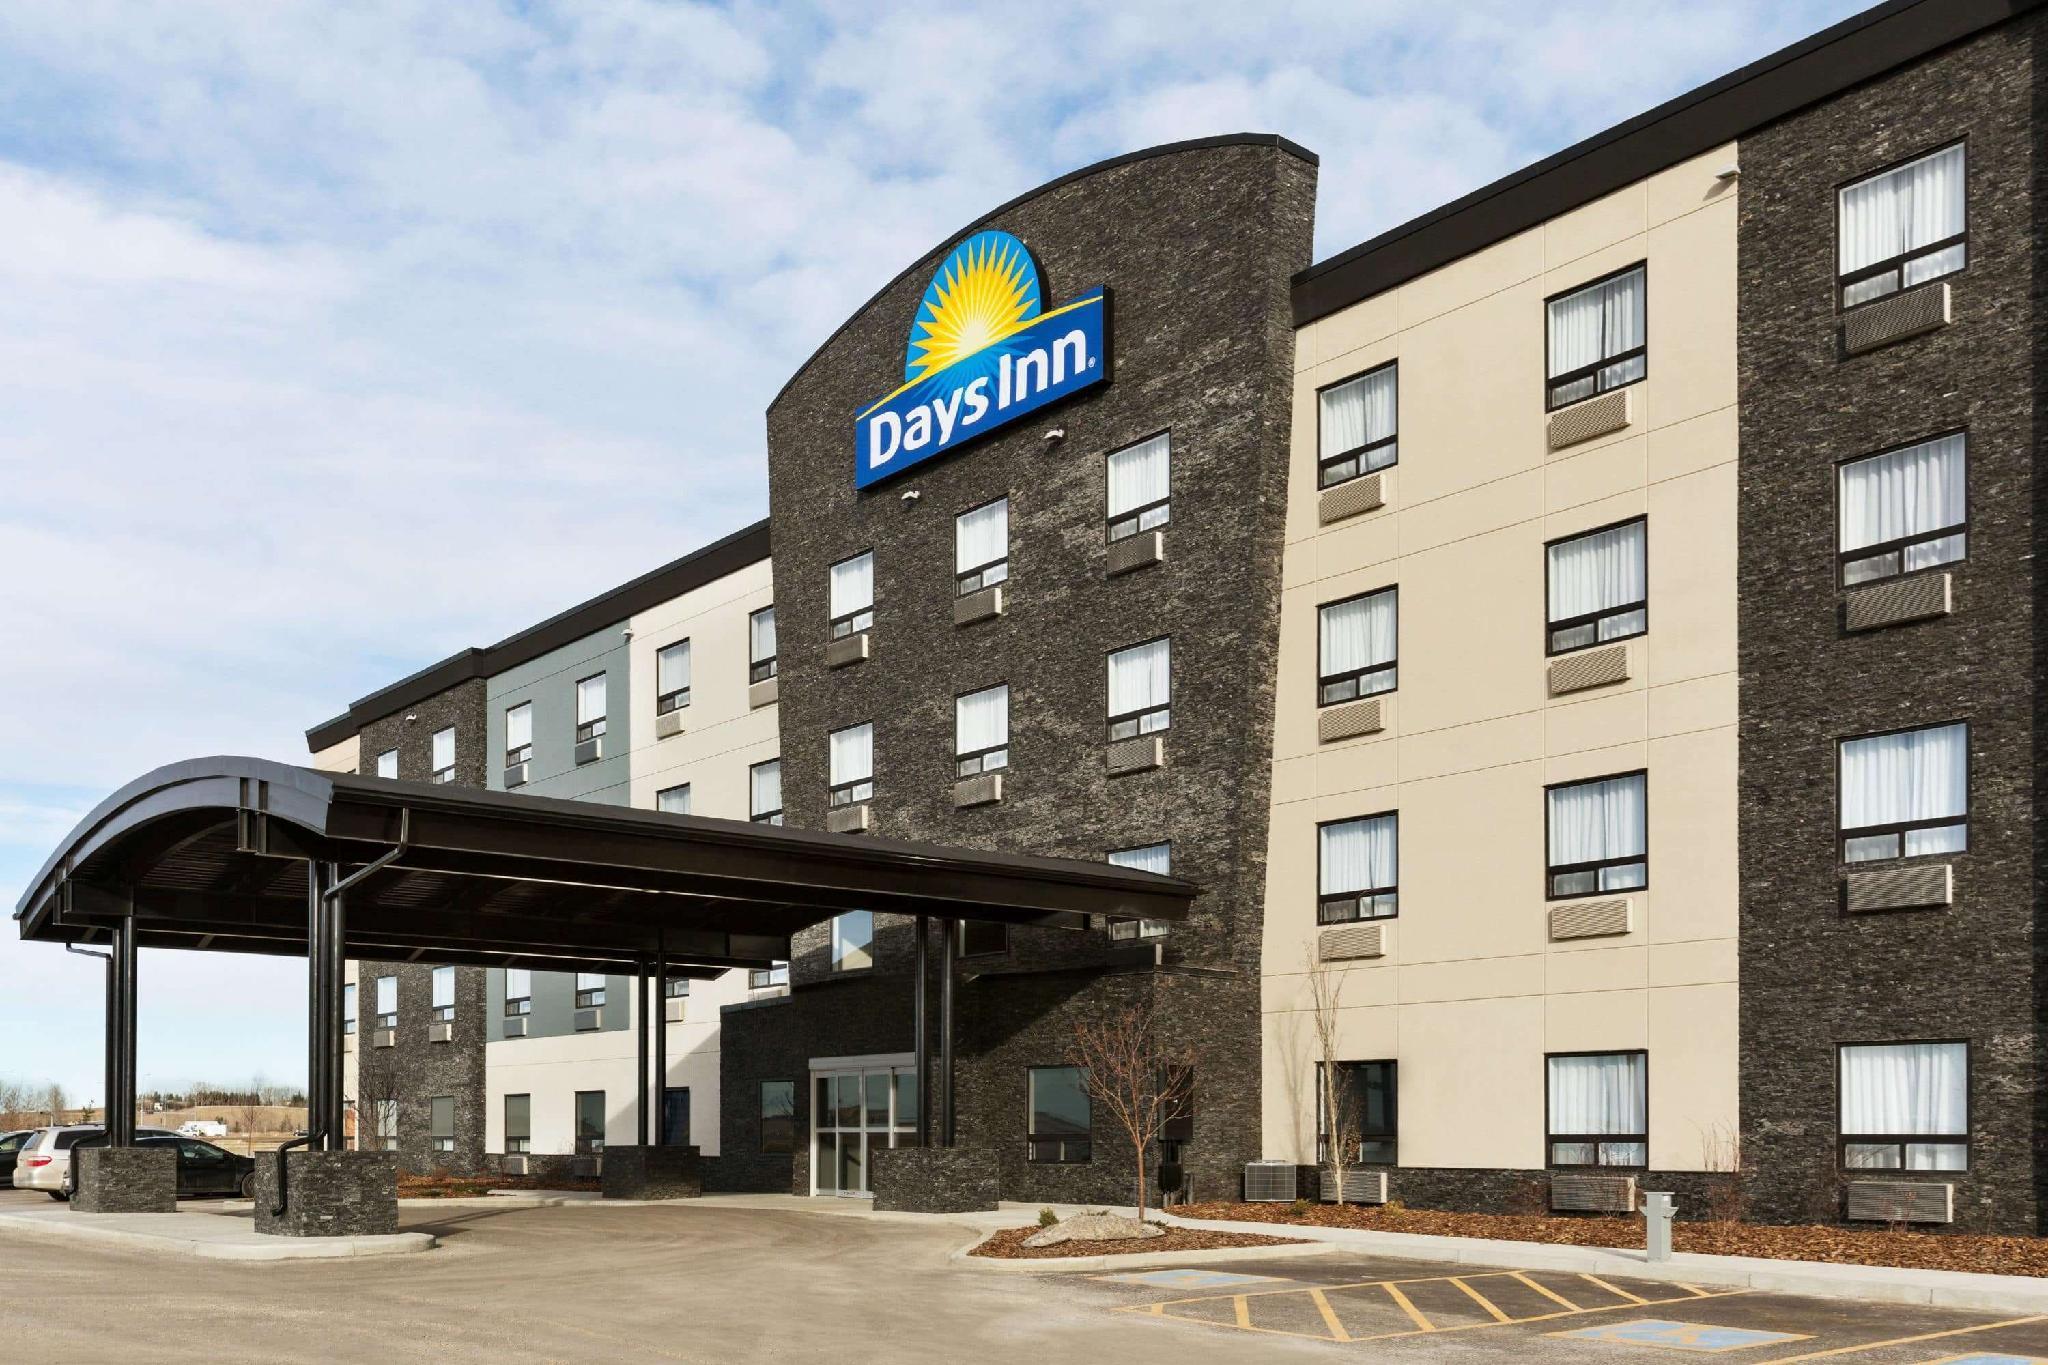 Days Inn By Wyndham Calgary North Balzac